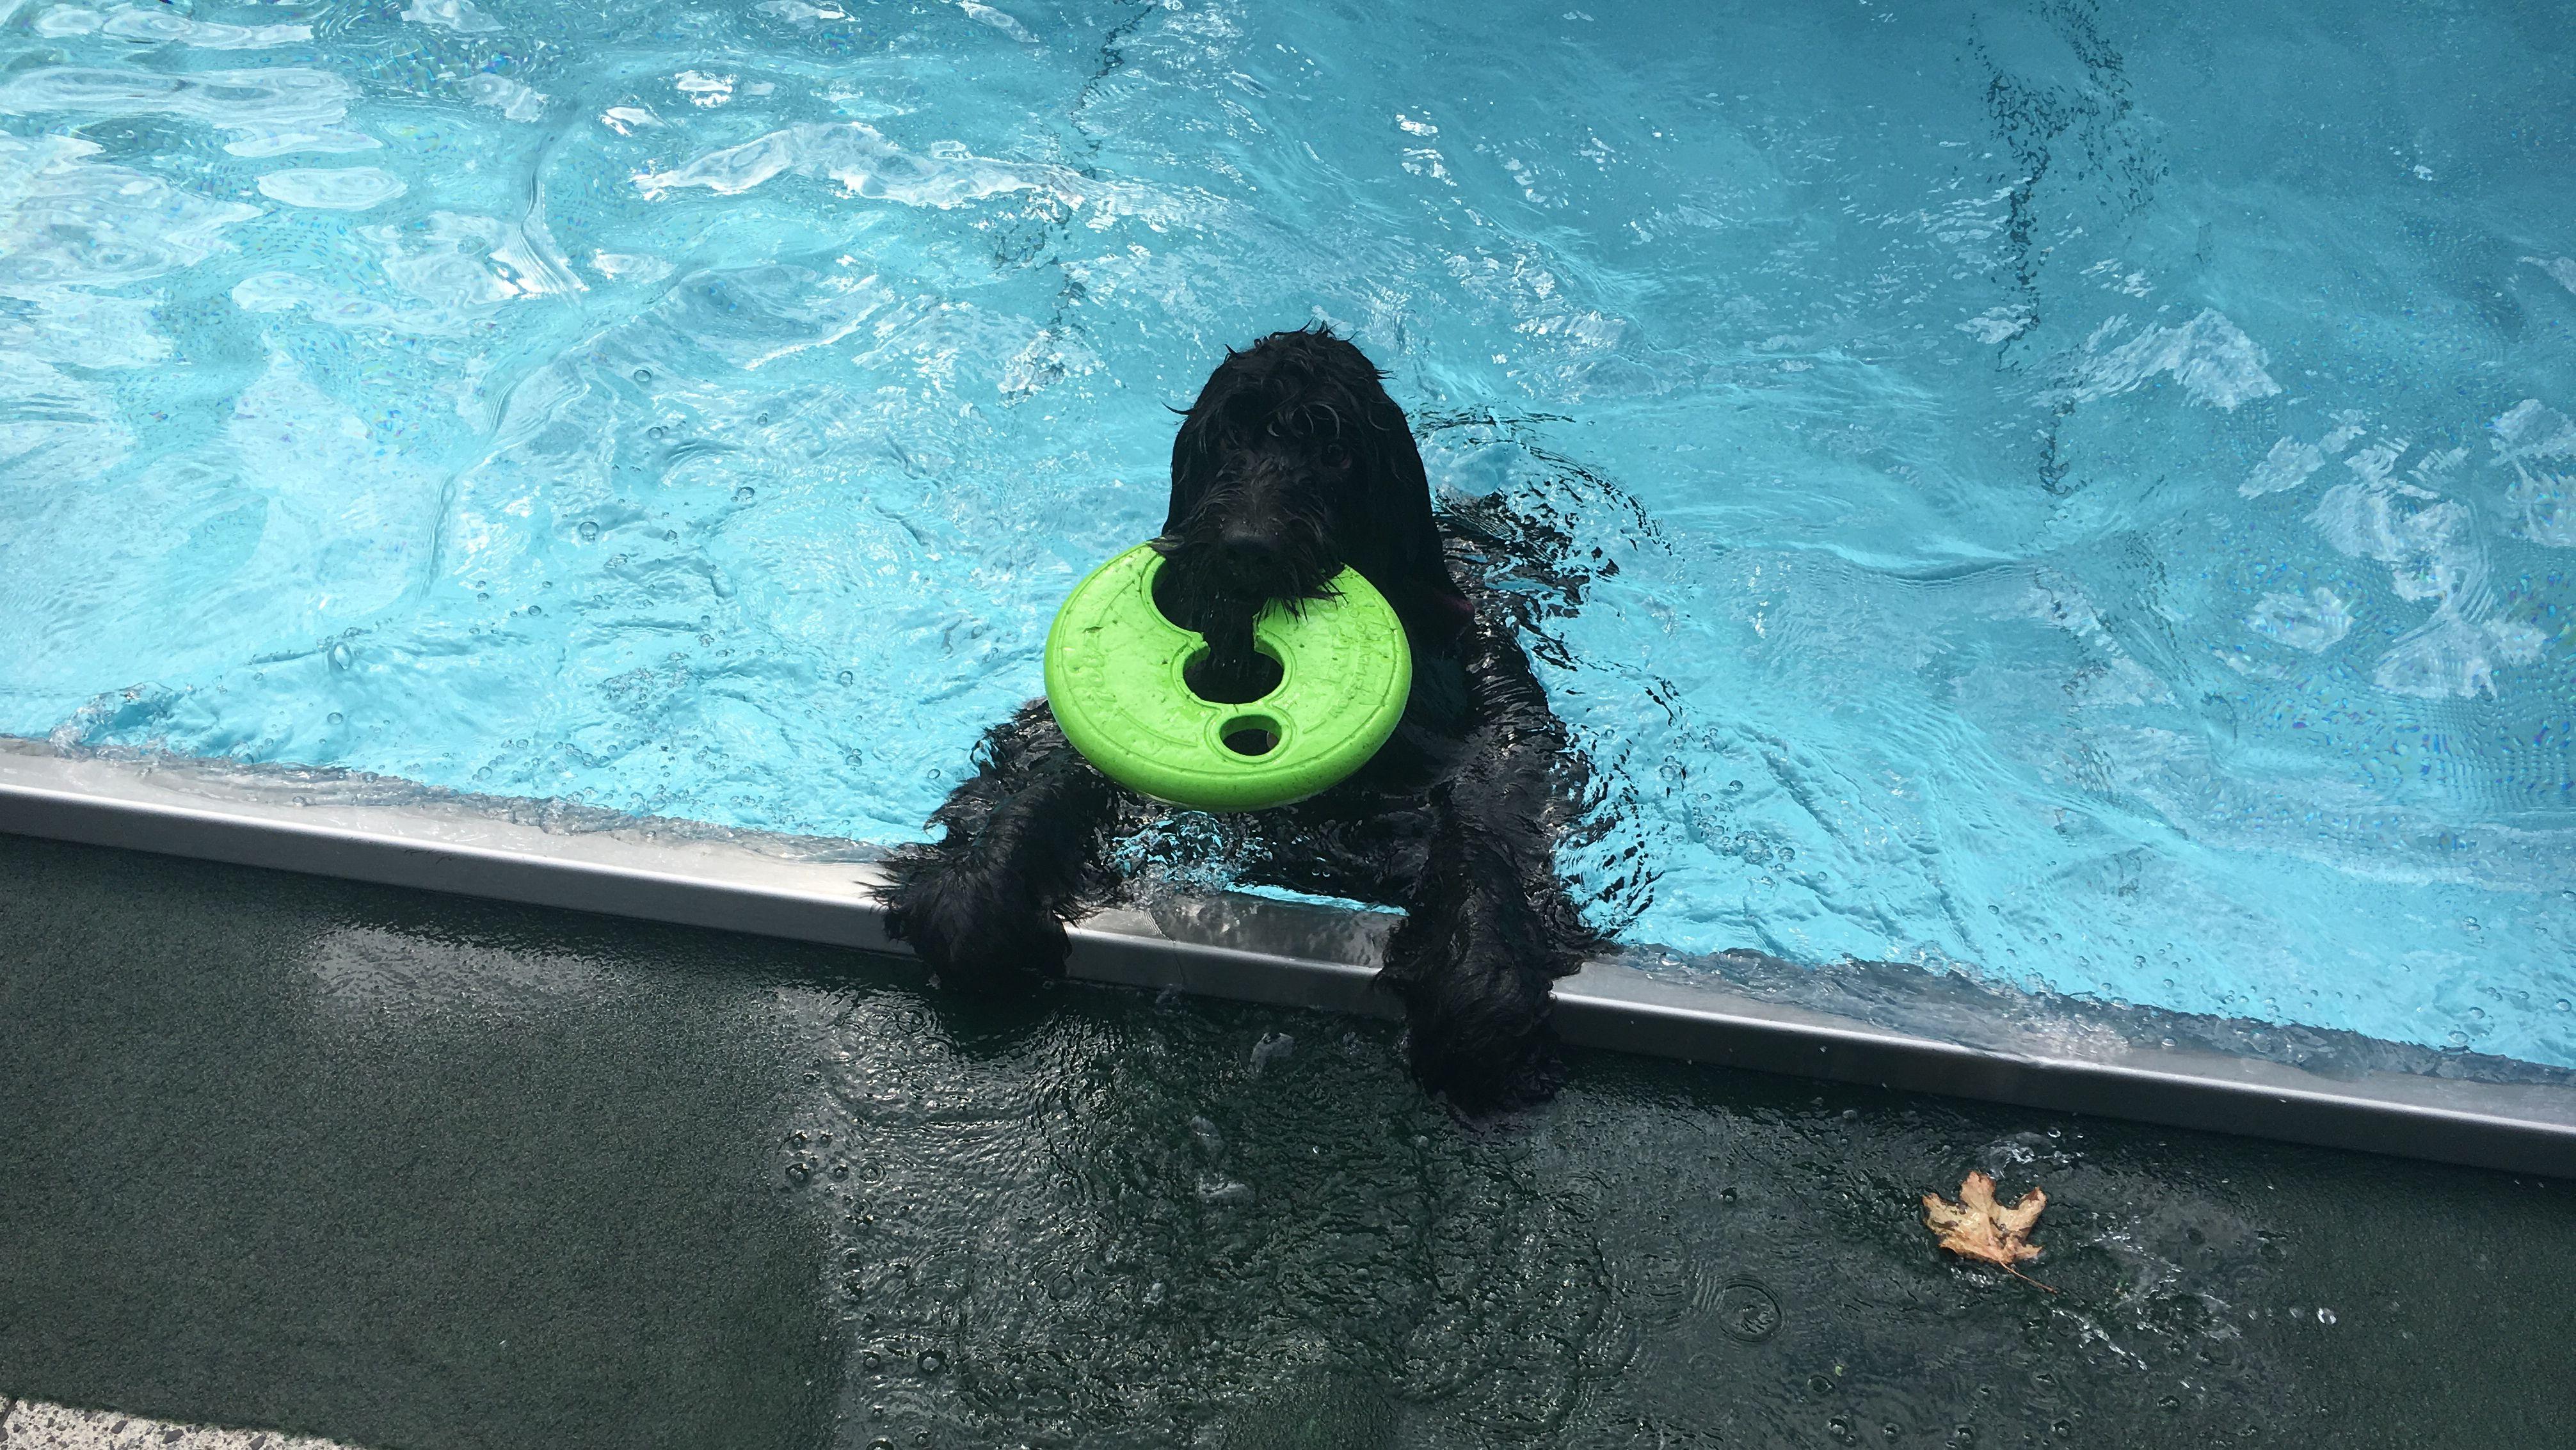 Hund mit Frisbee-Scheibe im Maul im Becken.